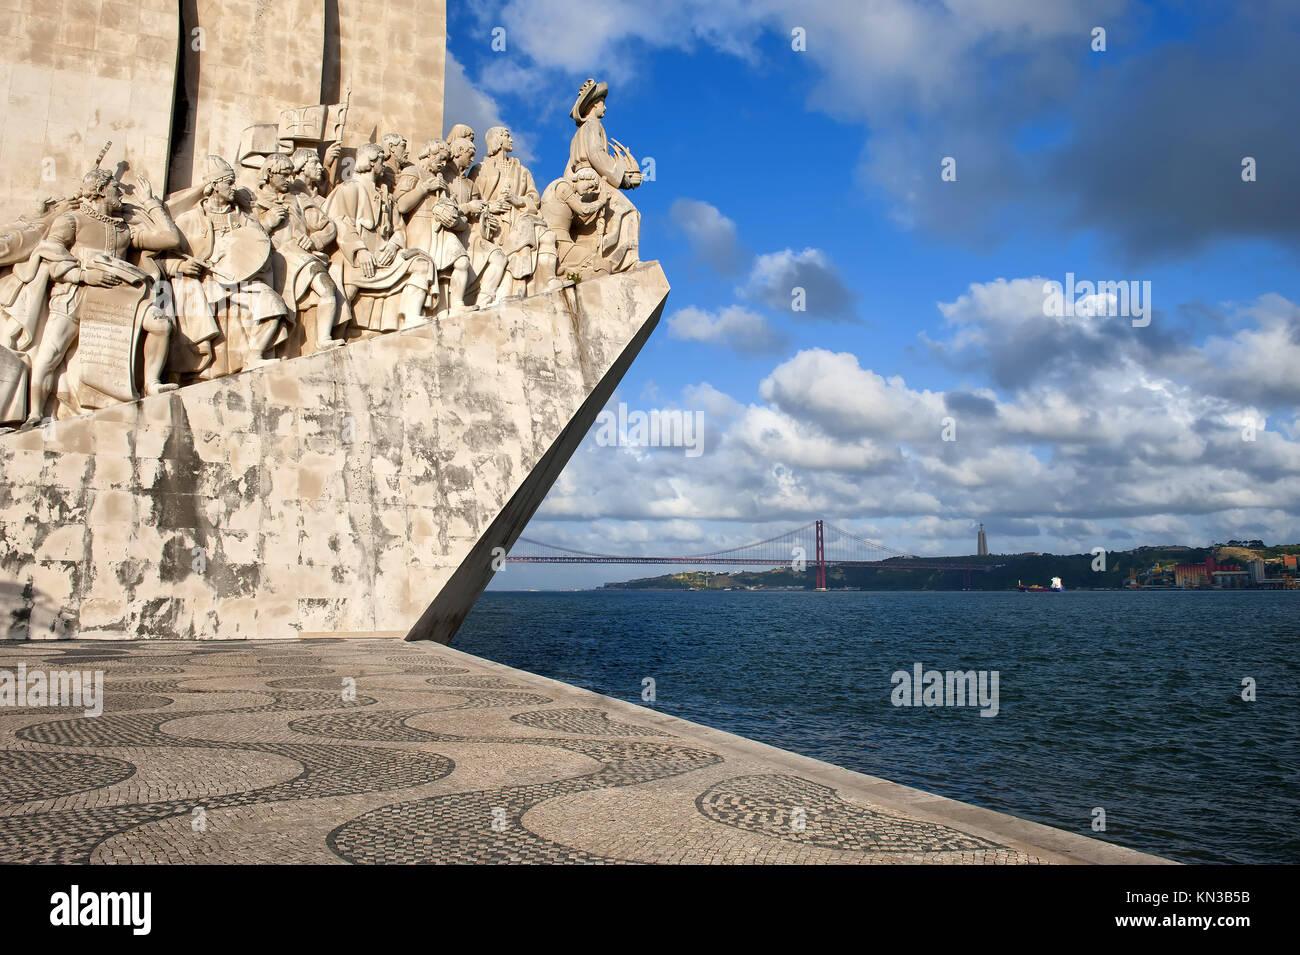 Padrão dos Descobrimentos (Monument to the Discoveries) celebrating Henri the Navigator and the Portuguese Age of Stock Photo